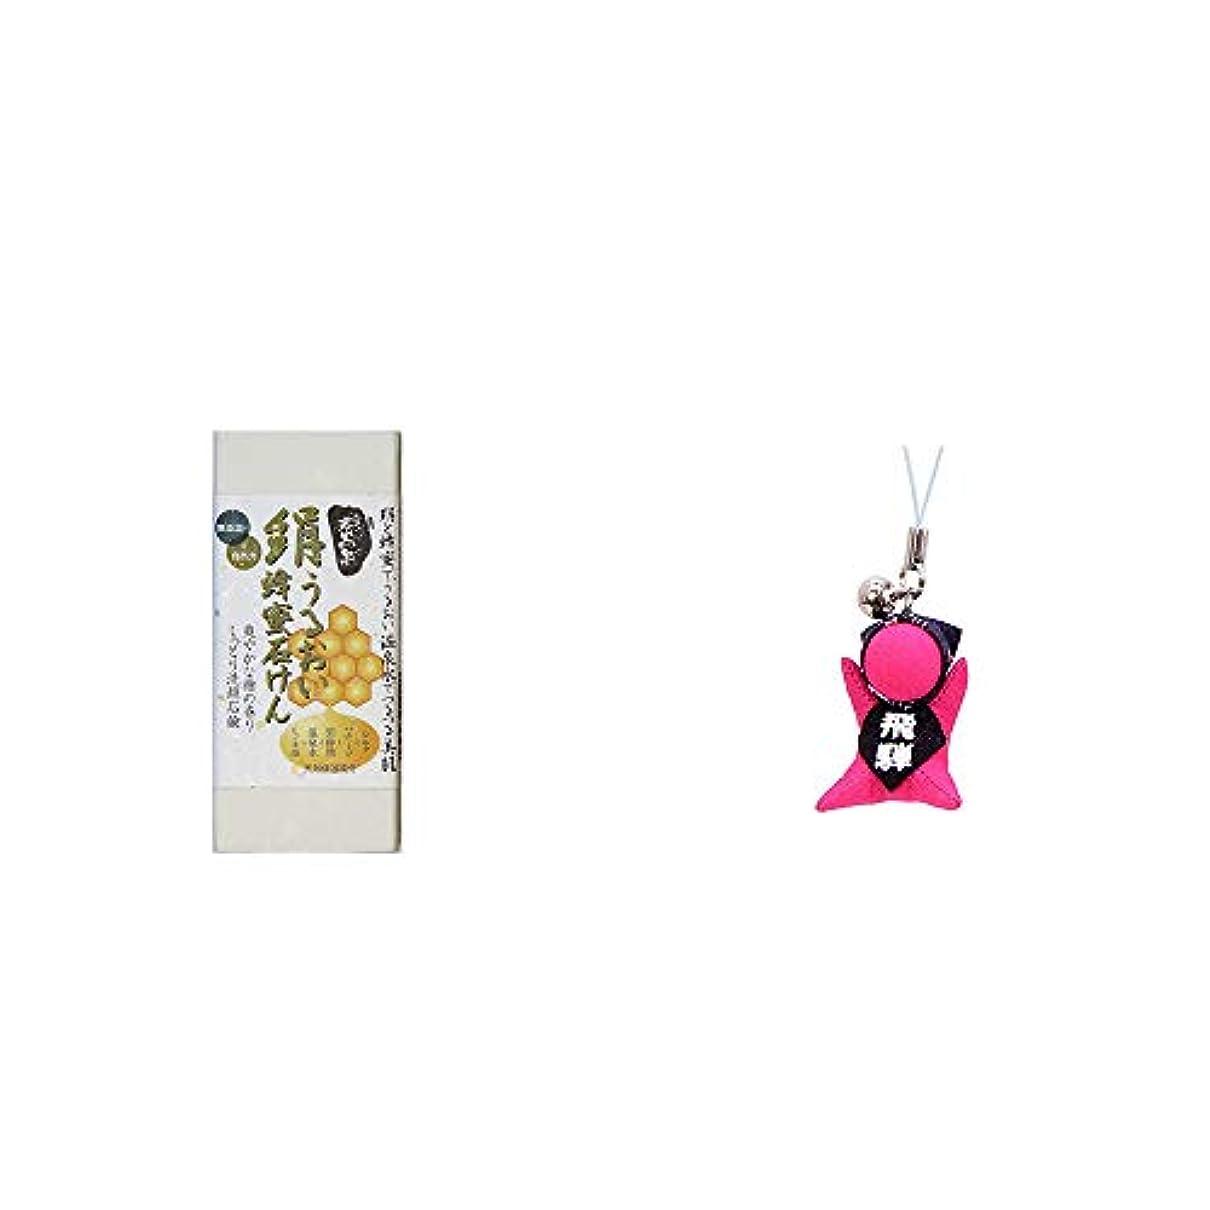 団結質素な苦い[2点セット] ひのき炭黒泉 絹うるおい蜂蜜石けん(75g×2)?さるぼぼ幸福ストラップ 【ピンク】 / 風水カラー全9種類 縁結び?恋愛(出会い) お守り//